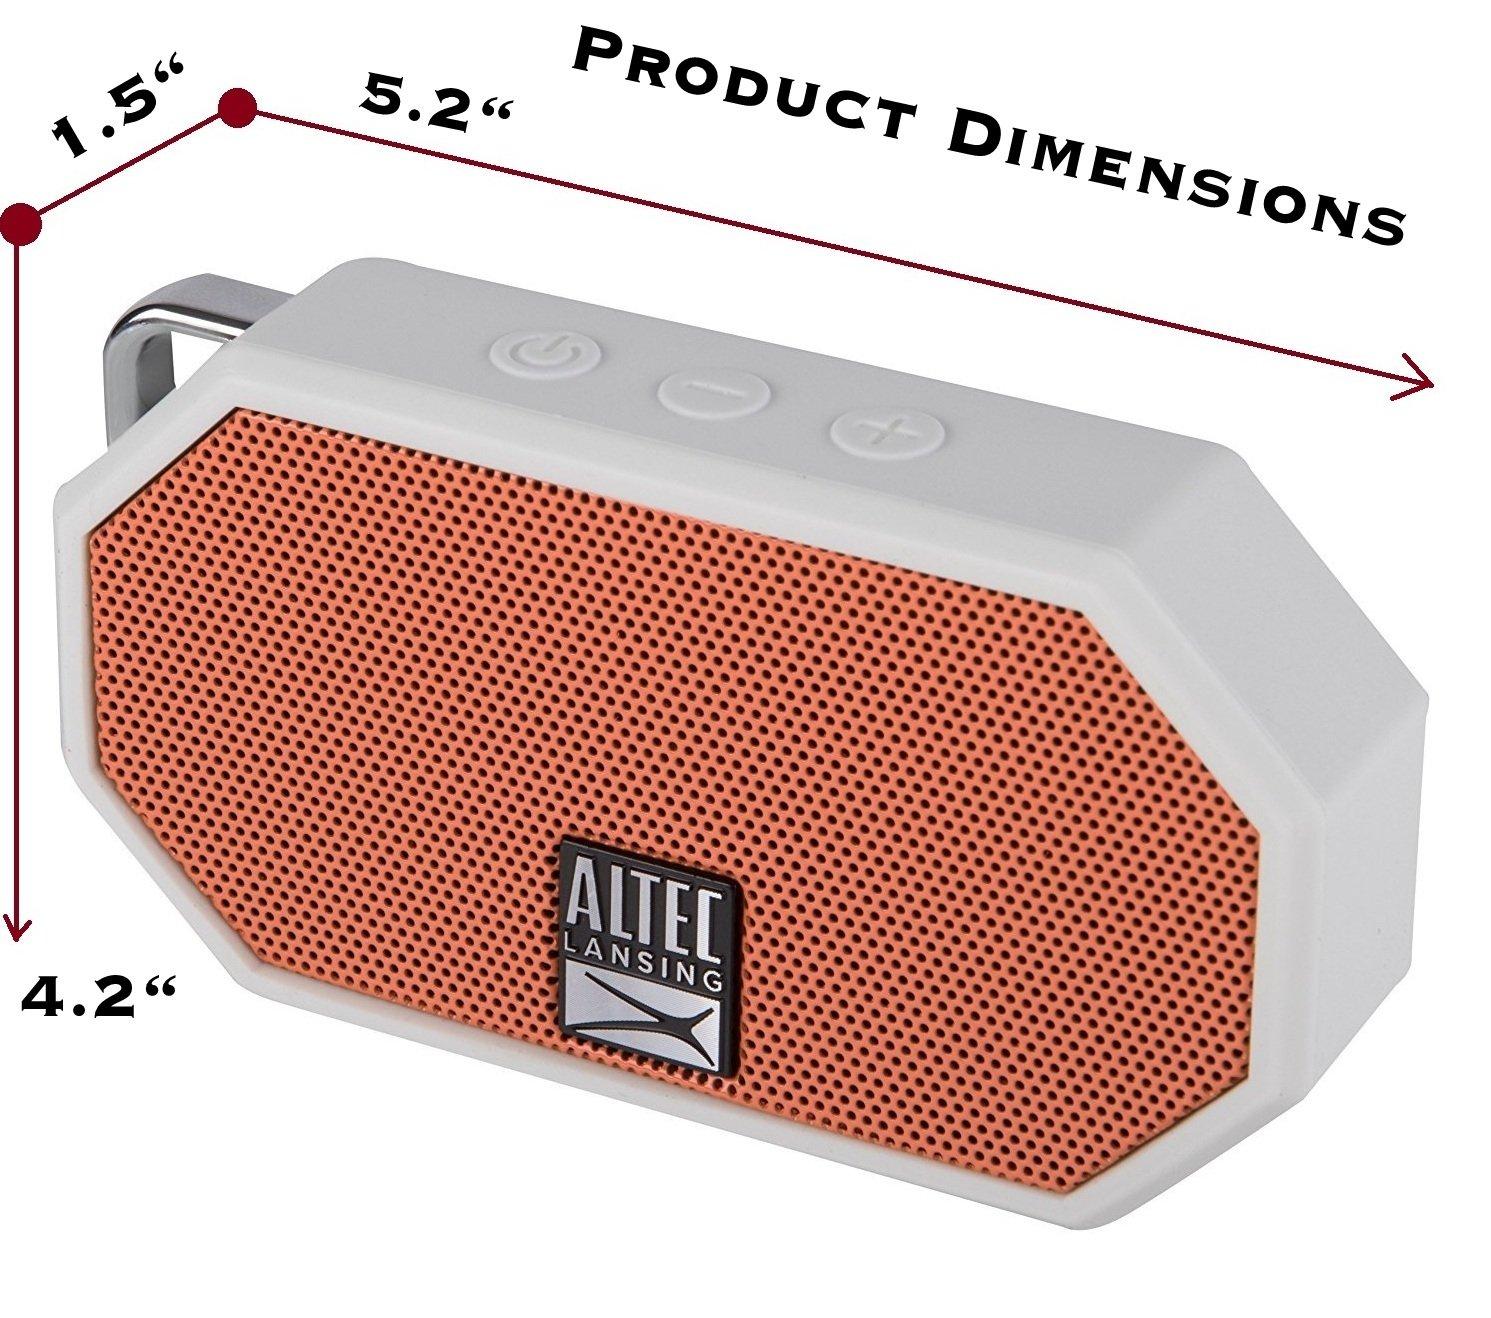 Altec Lansing IMW257 OW TA Waterproof Ultra Portable Image 3